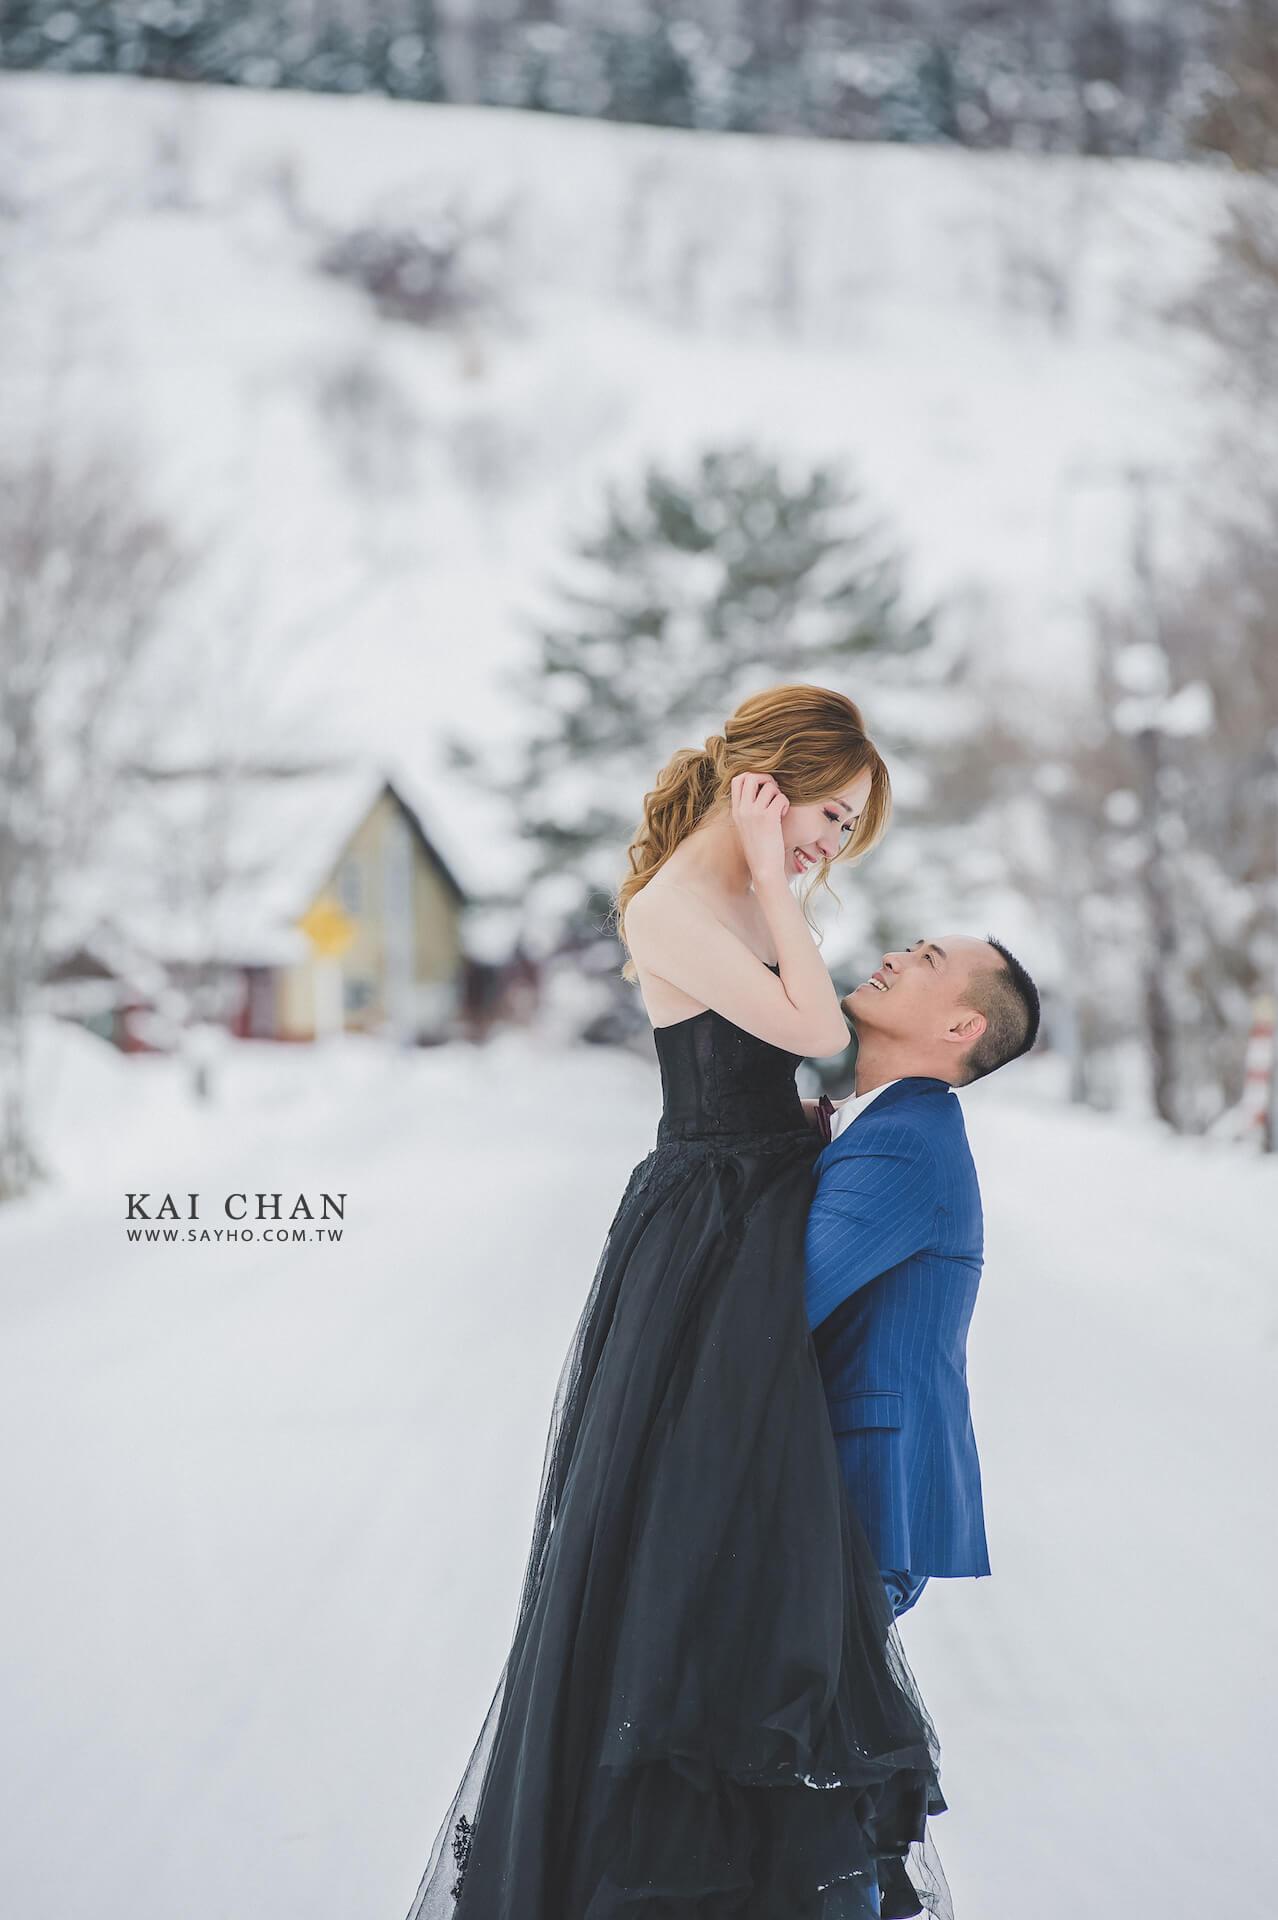 美瑛婚紗,北海道婚紗,雪景婚紗